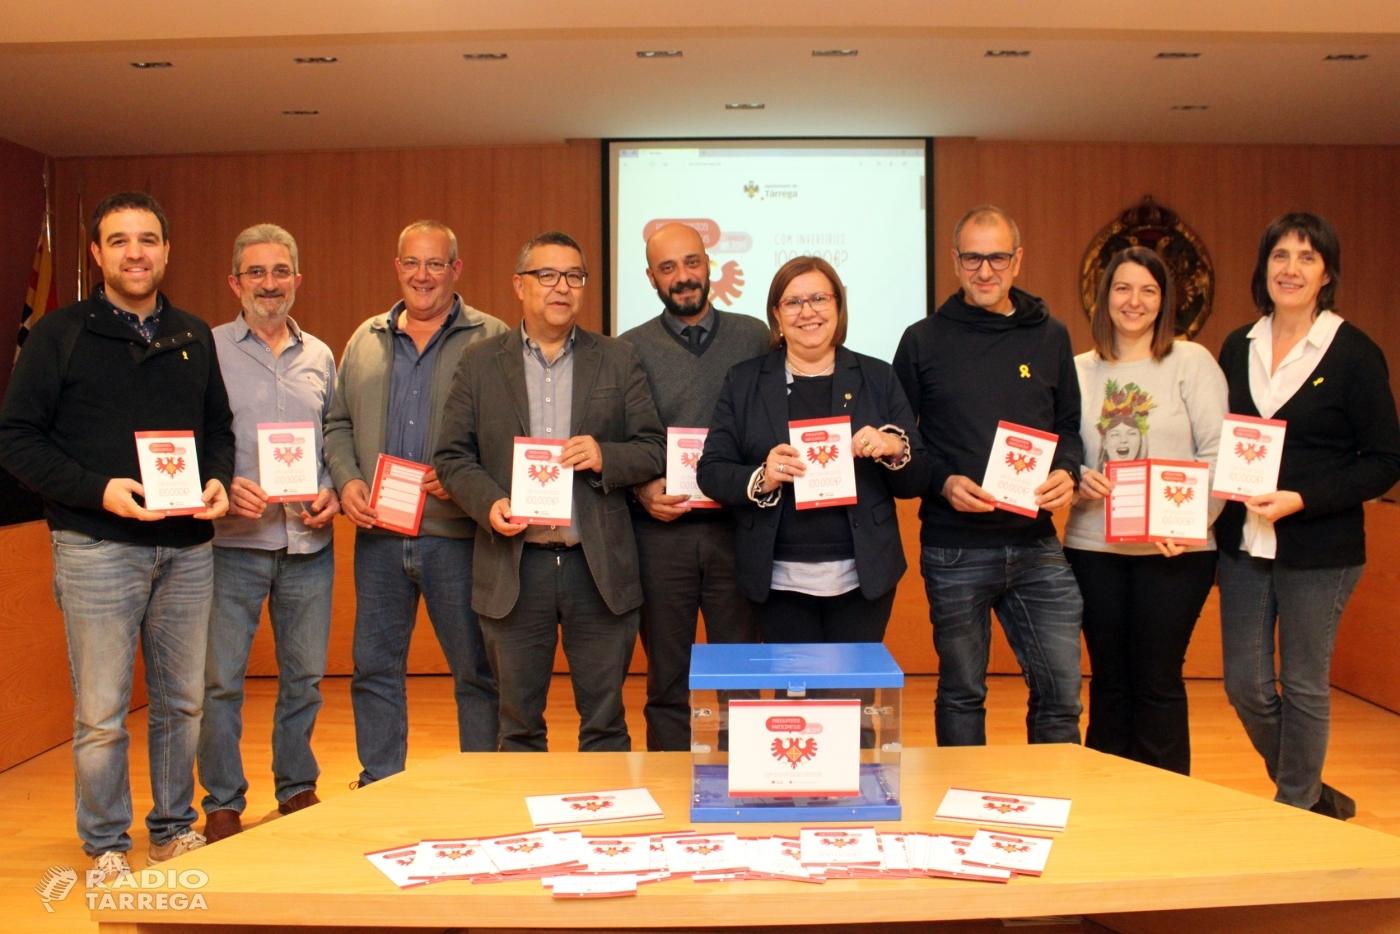 L'Ajuntament de Tàrrega posa en marxa els seus primers pressupostos participatius, en què la ciutadania decidirà com invertir 100.000 euros